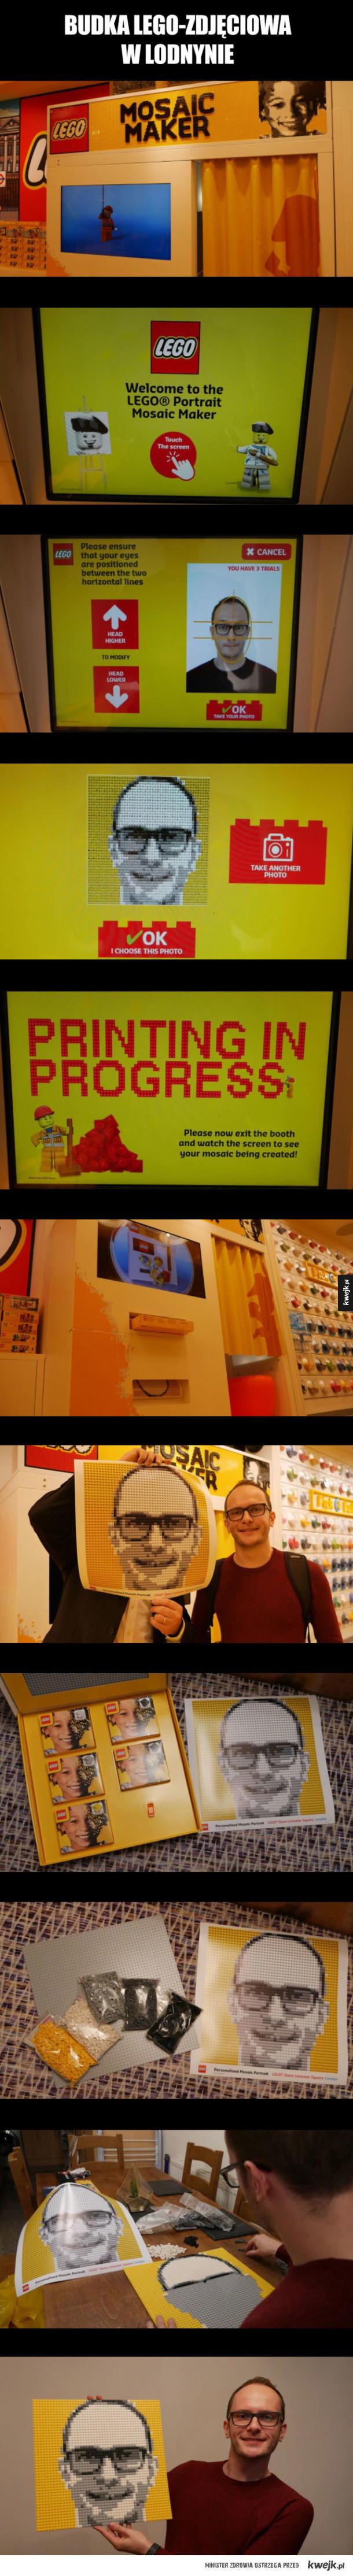 Budka Lego-zdjęciowa